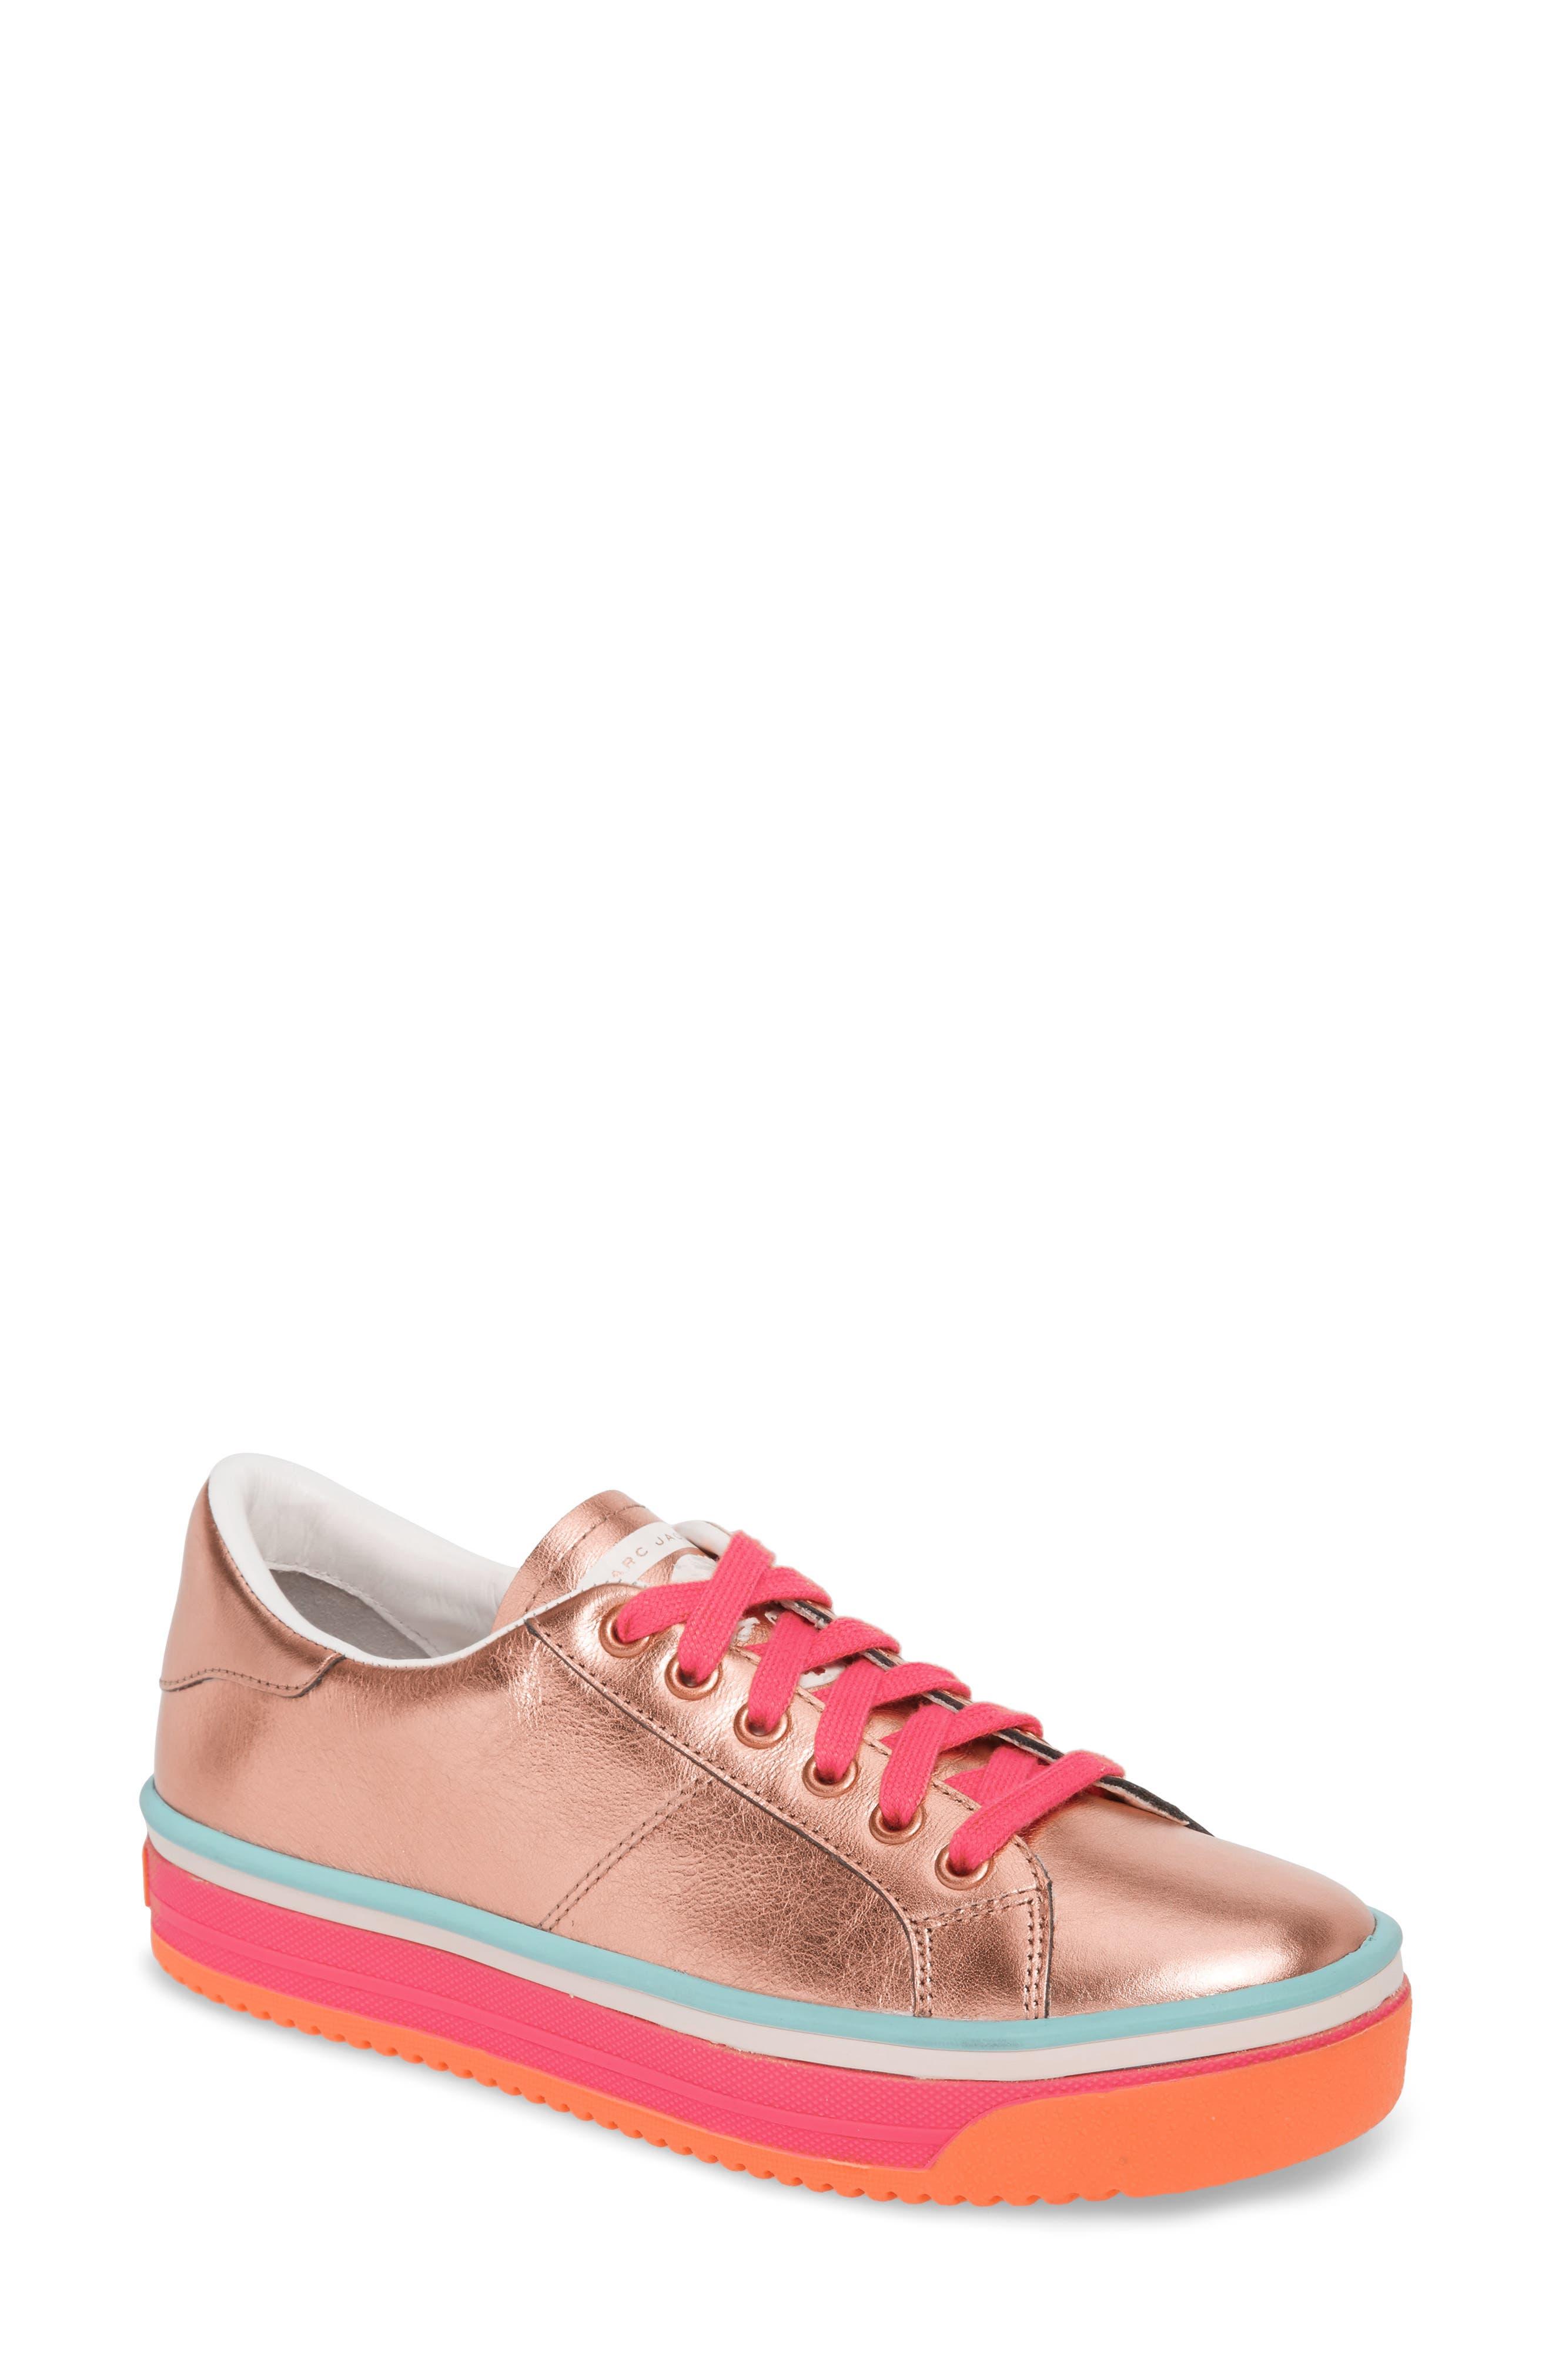 MARC JACOBS Empire Metallic Sneaker (Women)